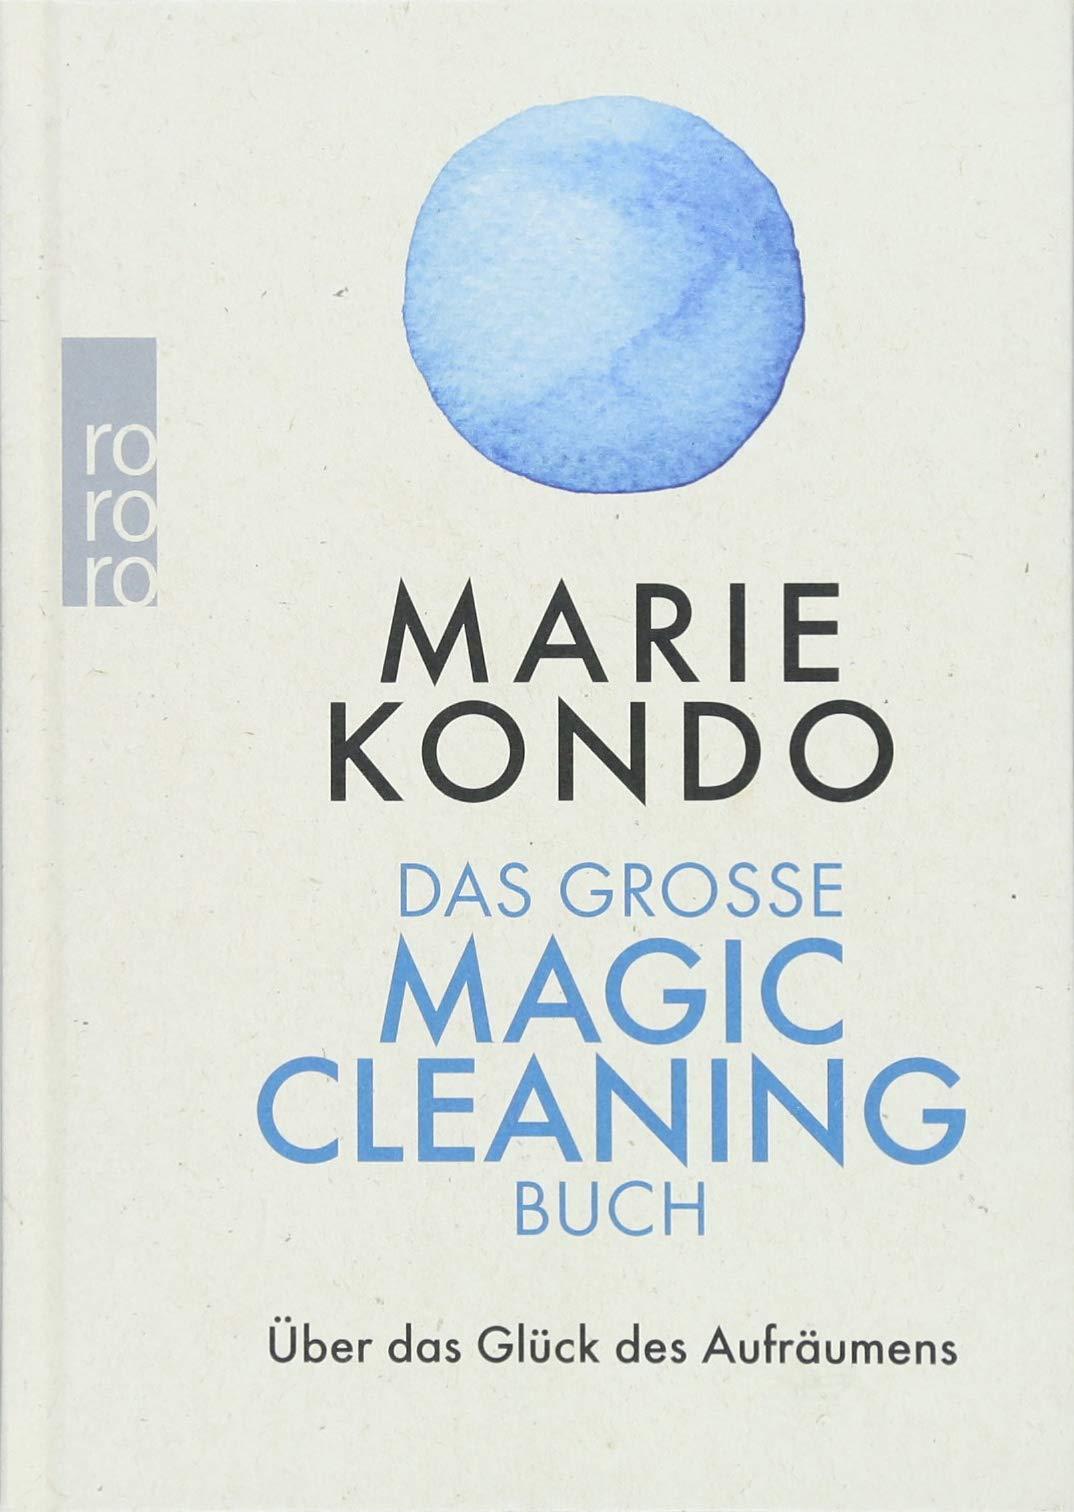 Das große Magic-Cleaning-Buch: Über das Glück des Aufräumens Gebundenes Buch – 13. März 2018 Marie Kondo Dr. Monika Lubitz Ana González y Fandiño Rowohlt Taschenbuch